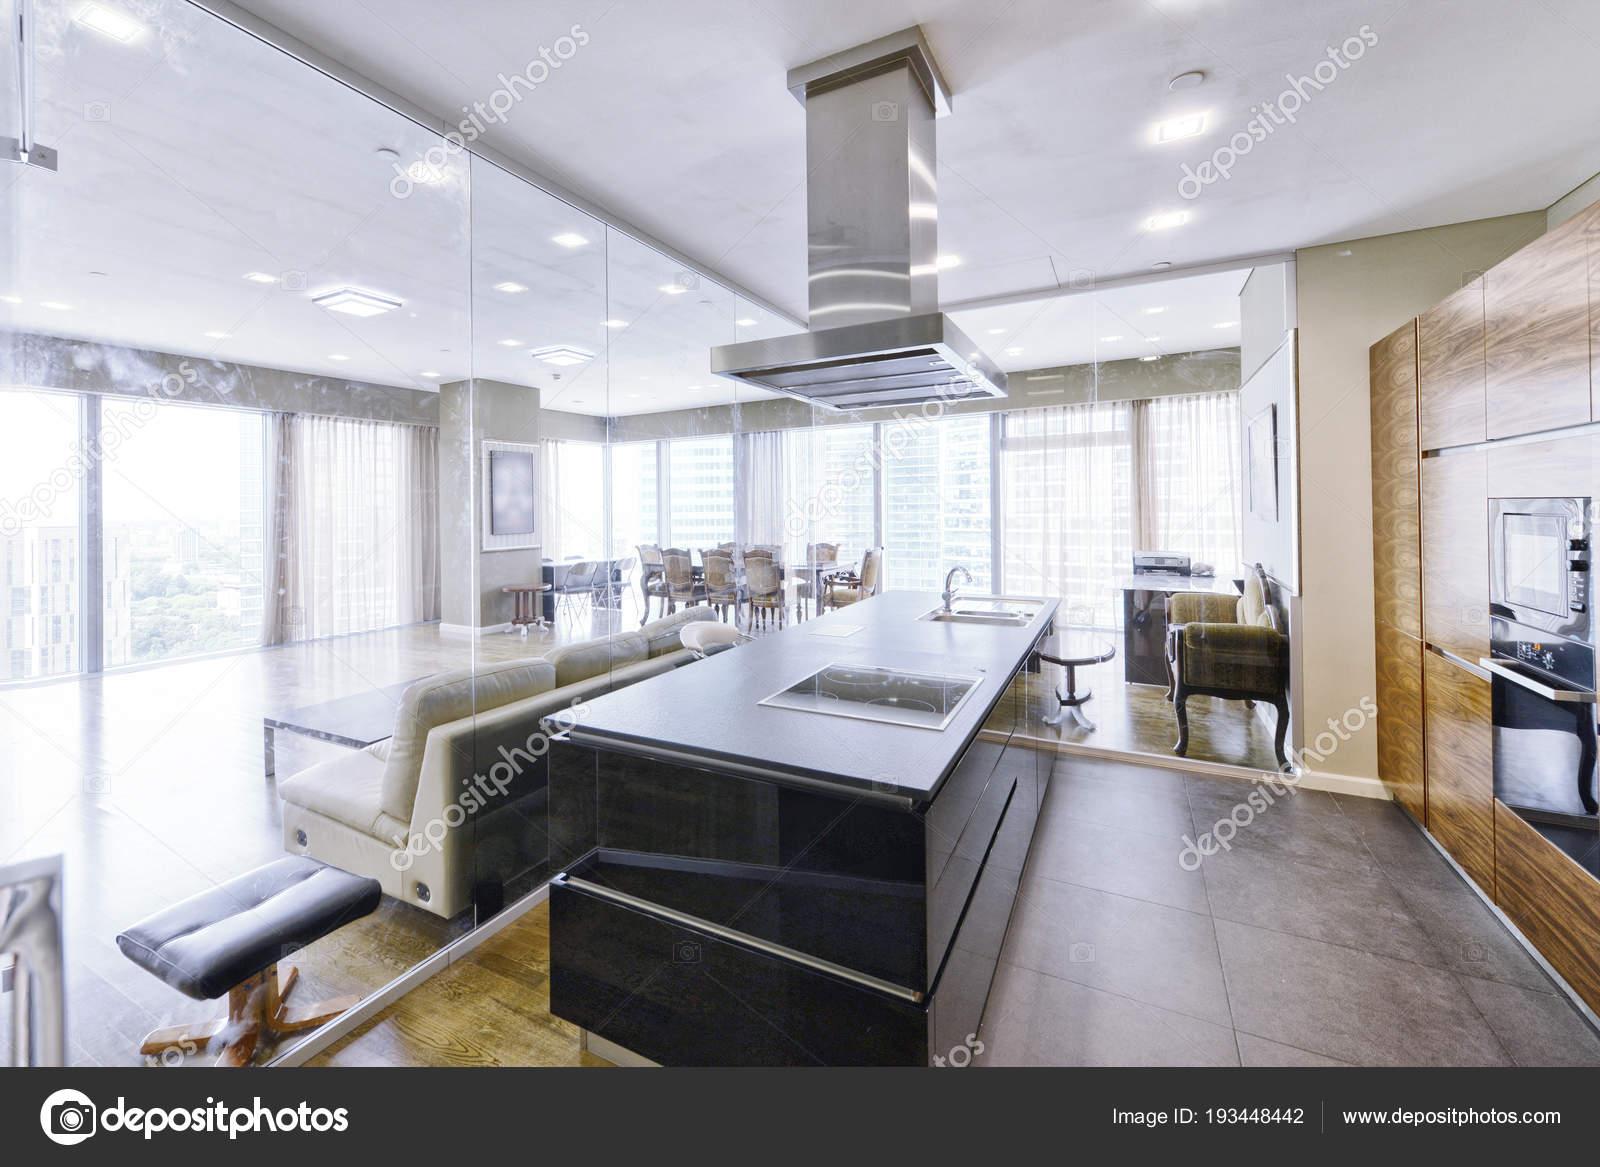 Im genes dise o de interiores cocina moderna dise o for Imagenes de diseno de interiores